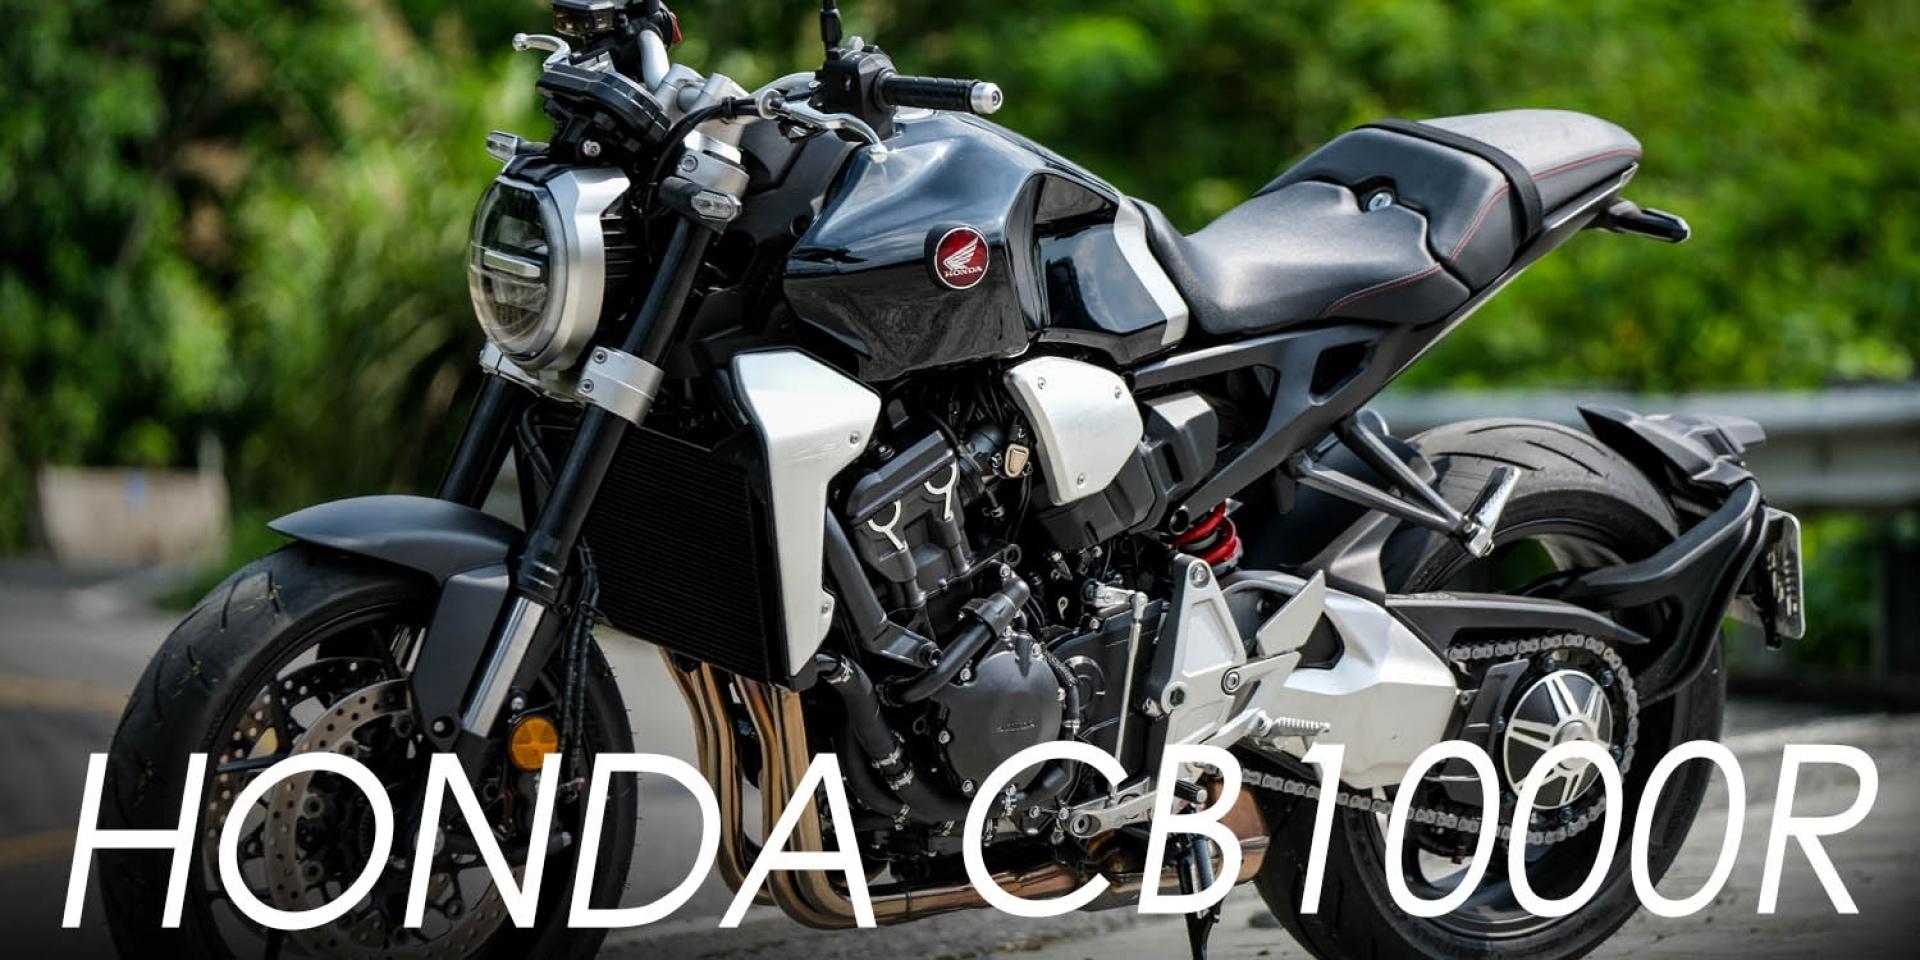 承襲RR精神的新世代復古運動街車,HONDA CB1000R媒體試乘會